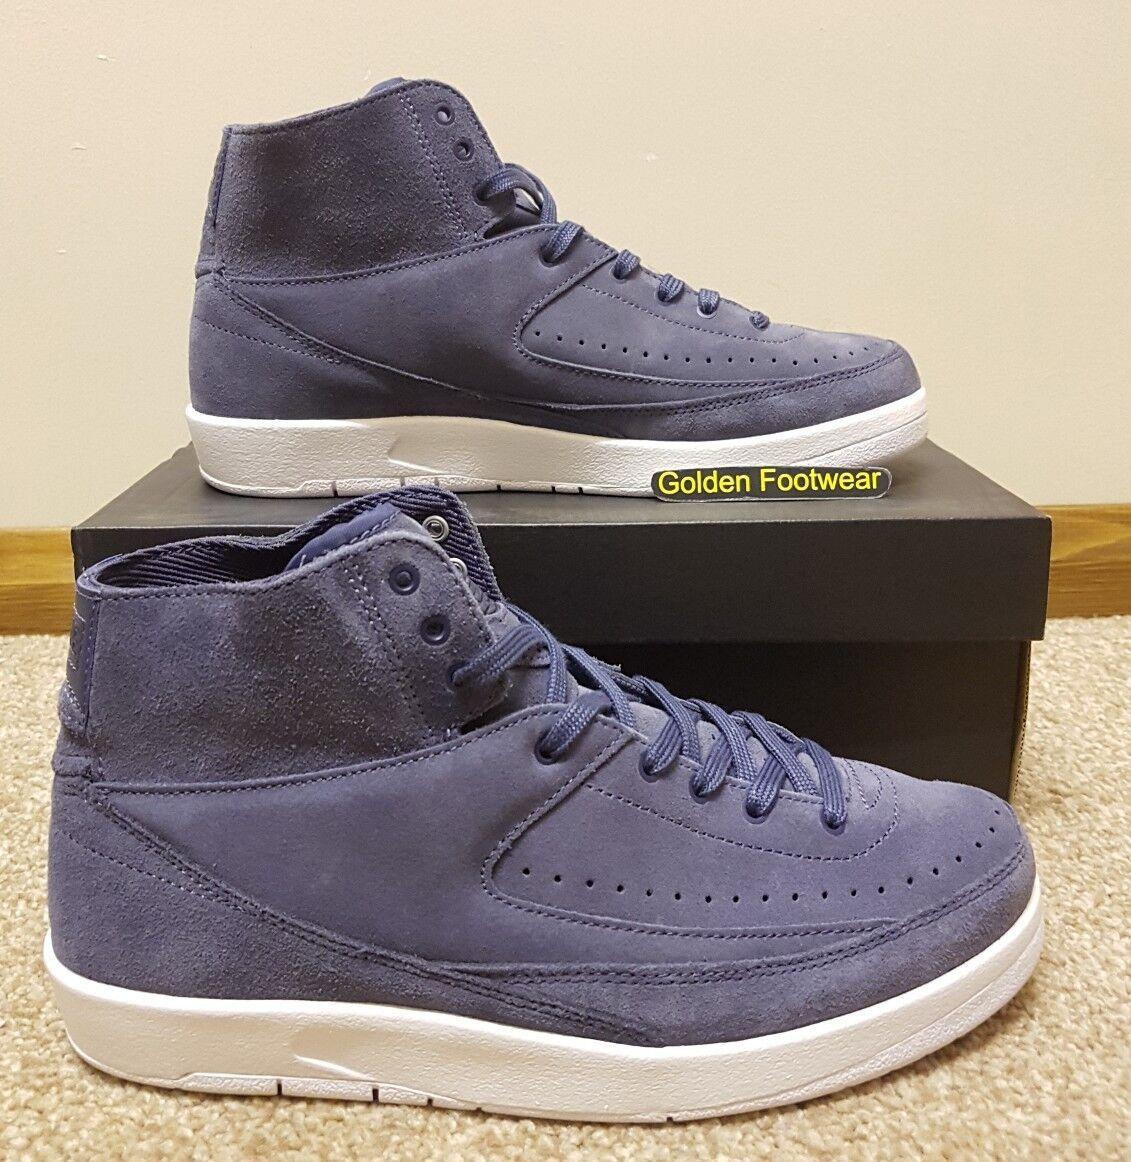 Nike Air Jordan 2 Retro Decon Size 7 UK BNIB Genuine Authentic Mens Trainers